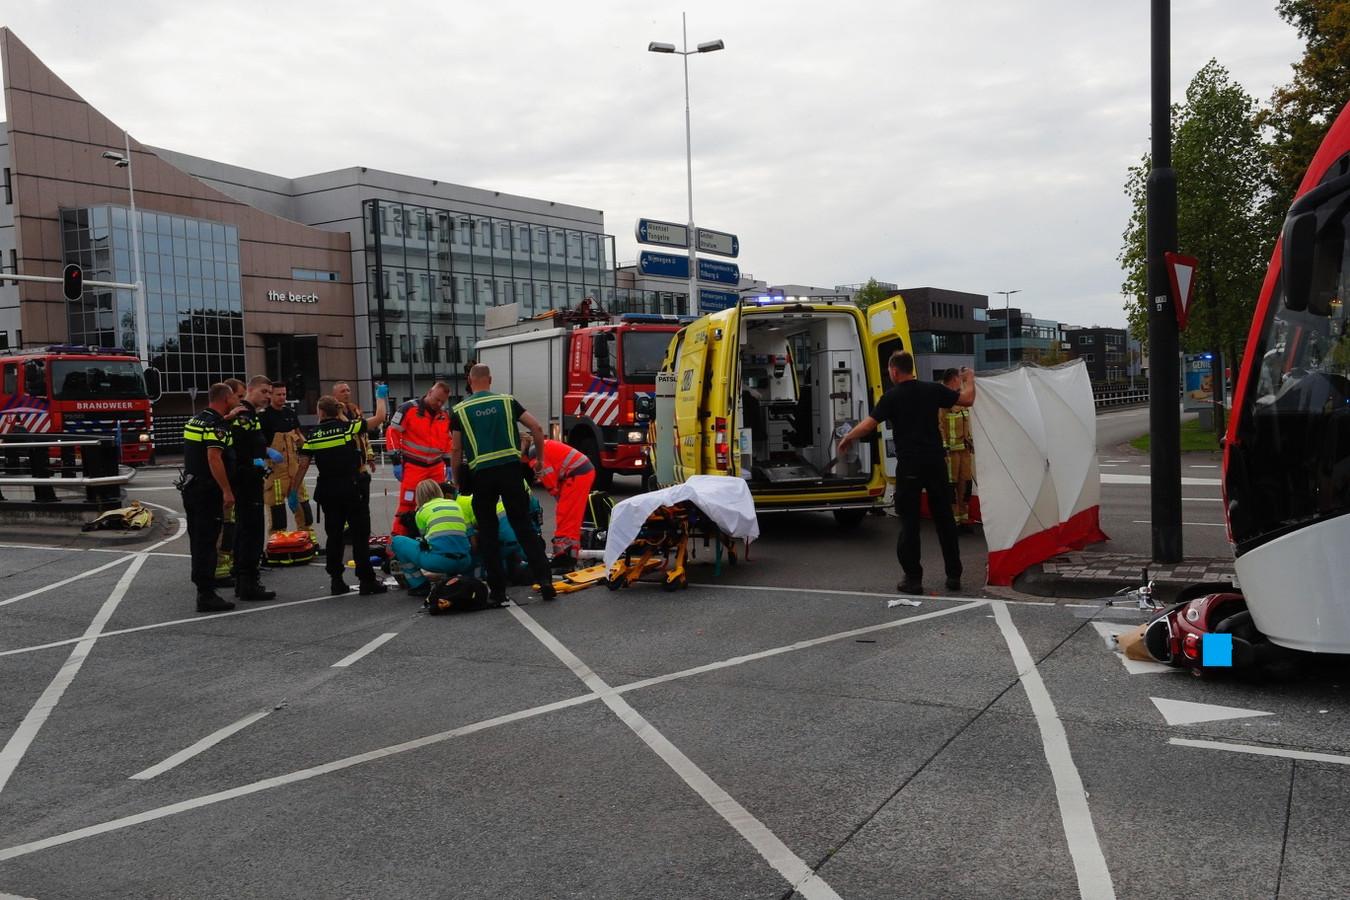 Een vrouw op een bromfiets werd aangereden door een lijnbus in Eindhoven. Zij kwam daarbij om het leven.